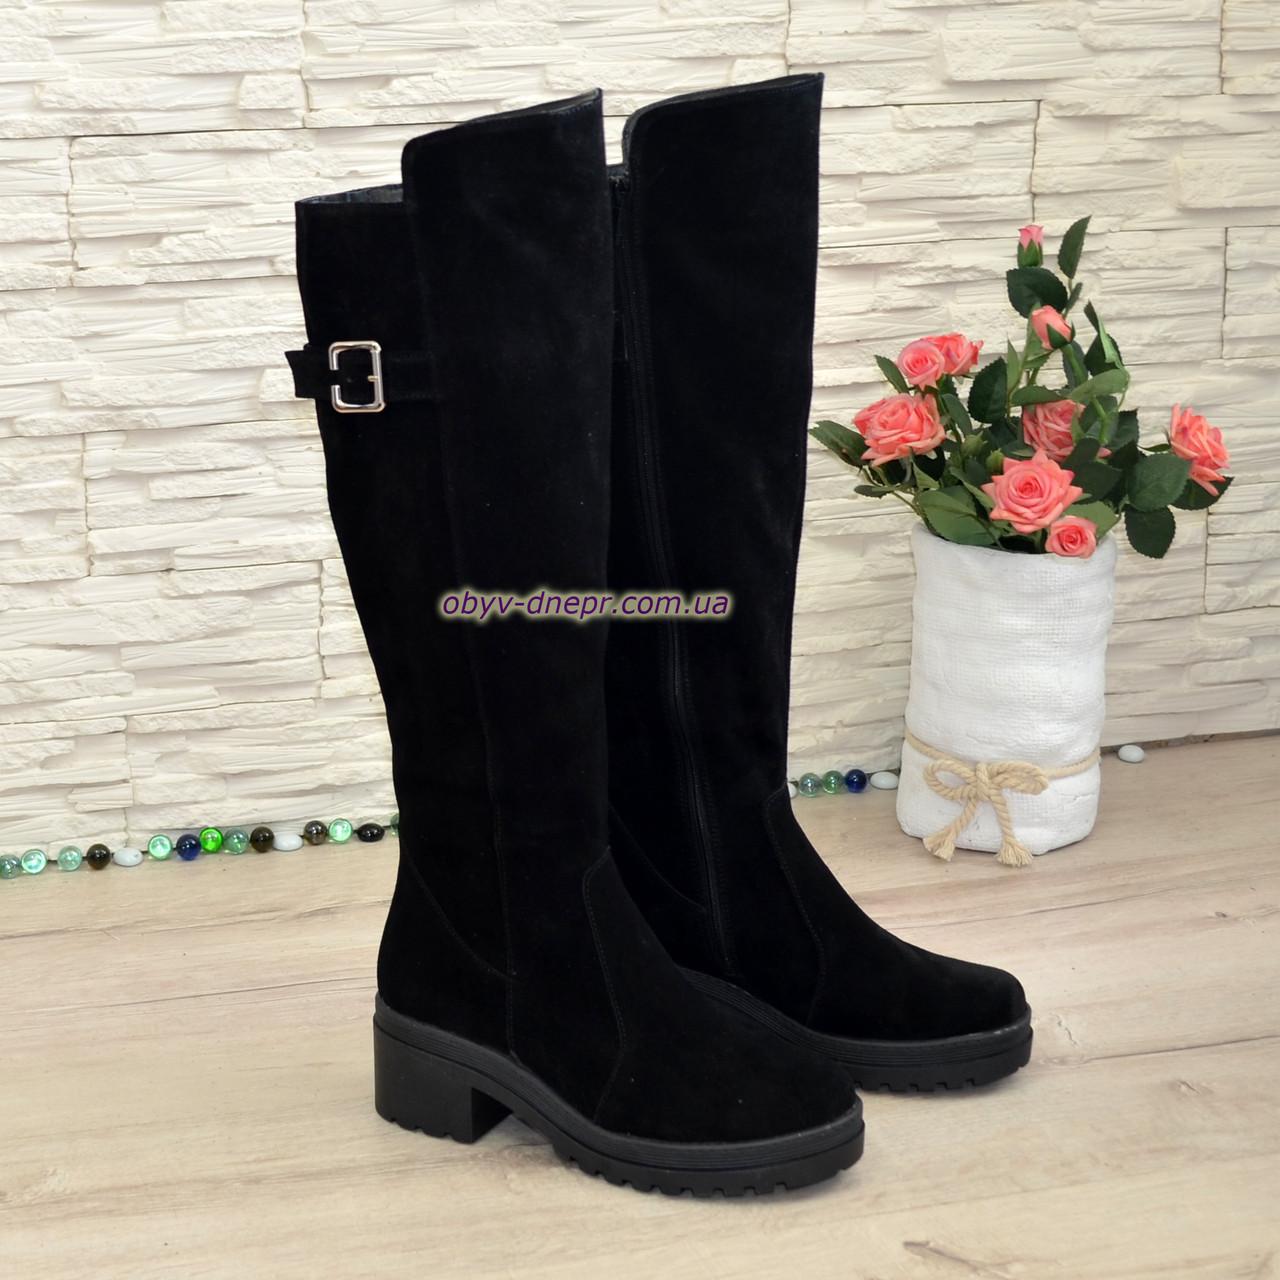 Сапоги черные женские замшевые на устойчивом каблуке